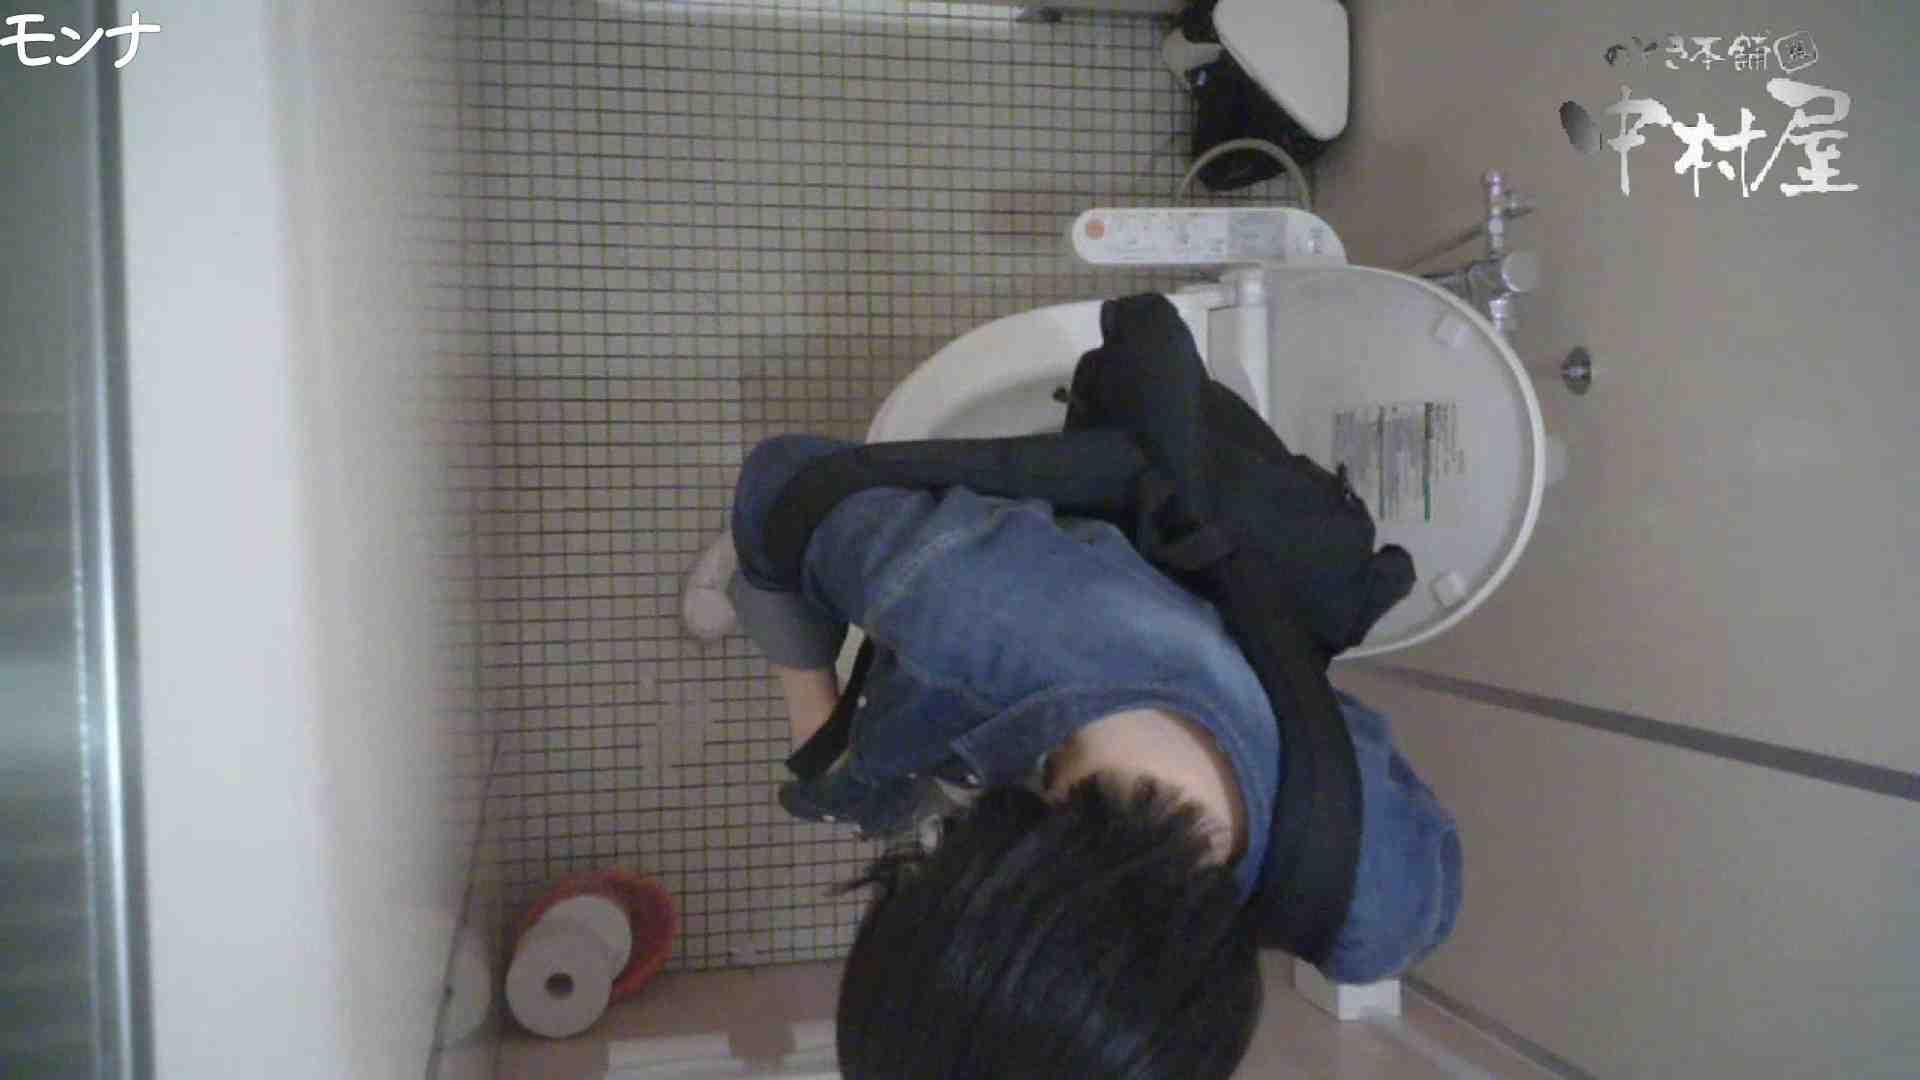 有名大学女性洗面所 vol.65 秘技!!マルチアングル天井撮り!! 和式 | 洗面所  91pic 39